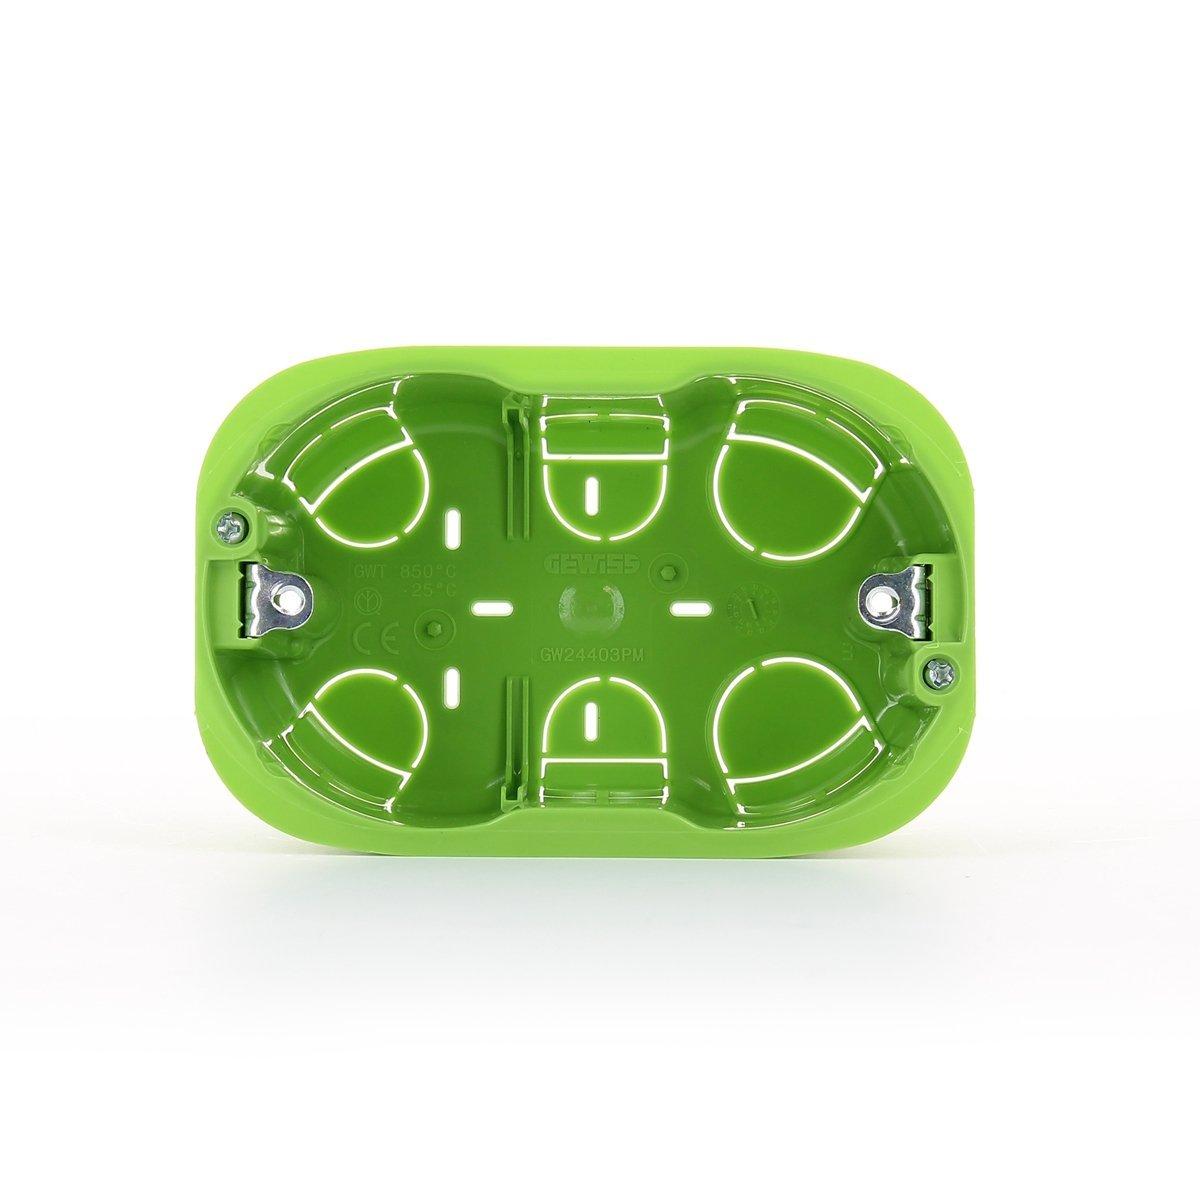 Doza rigips GW 24403PM 3 module compatibil – Livolo Standard Italian imagine case-smart.ro 2021